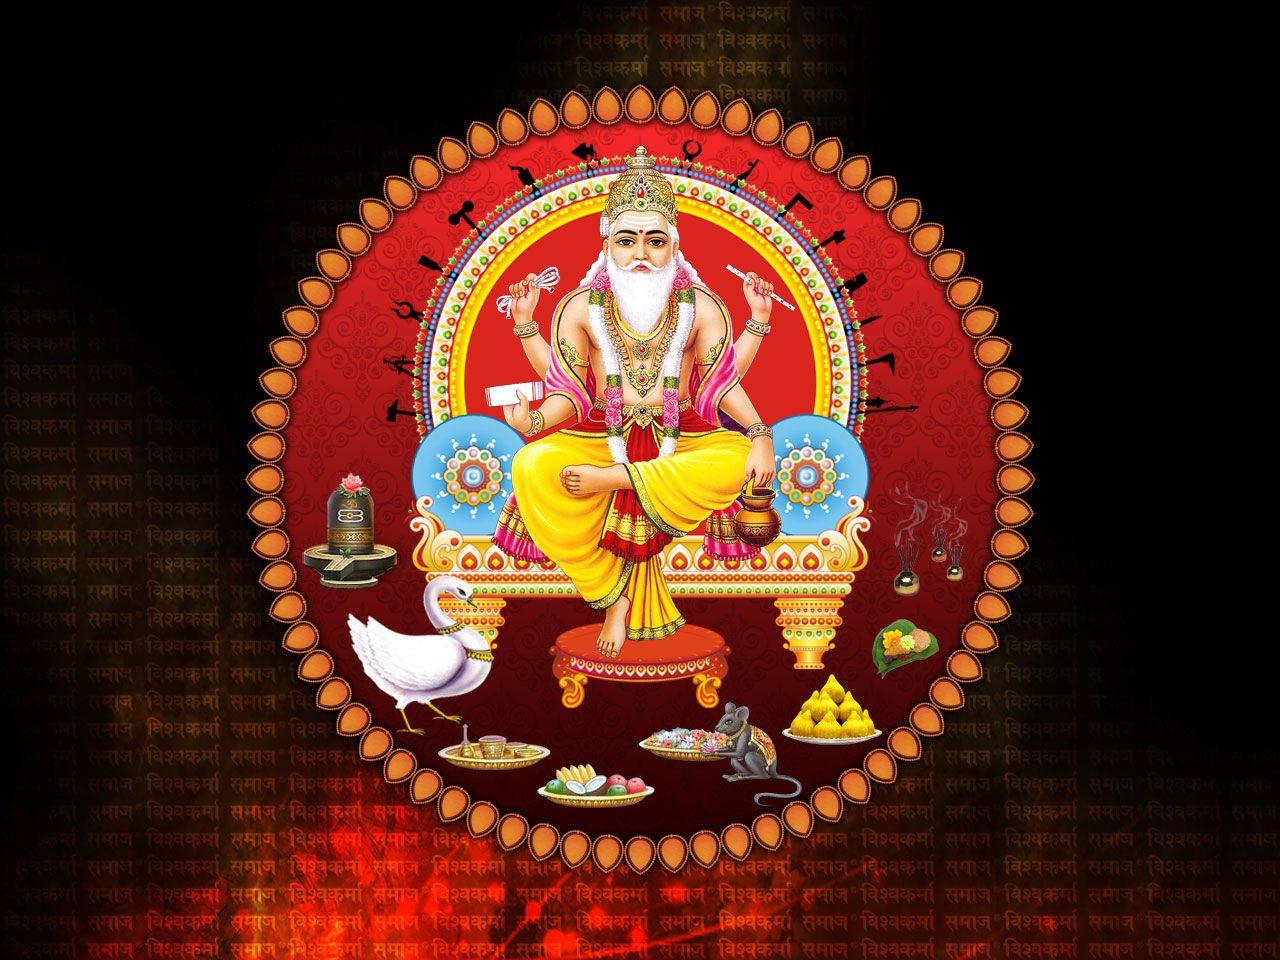 Download Wallpaper Lord Vishwakarma - 0352b8ad2fa7ecf0b6df035df8391983  Trends_383514.jpg